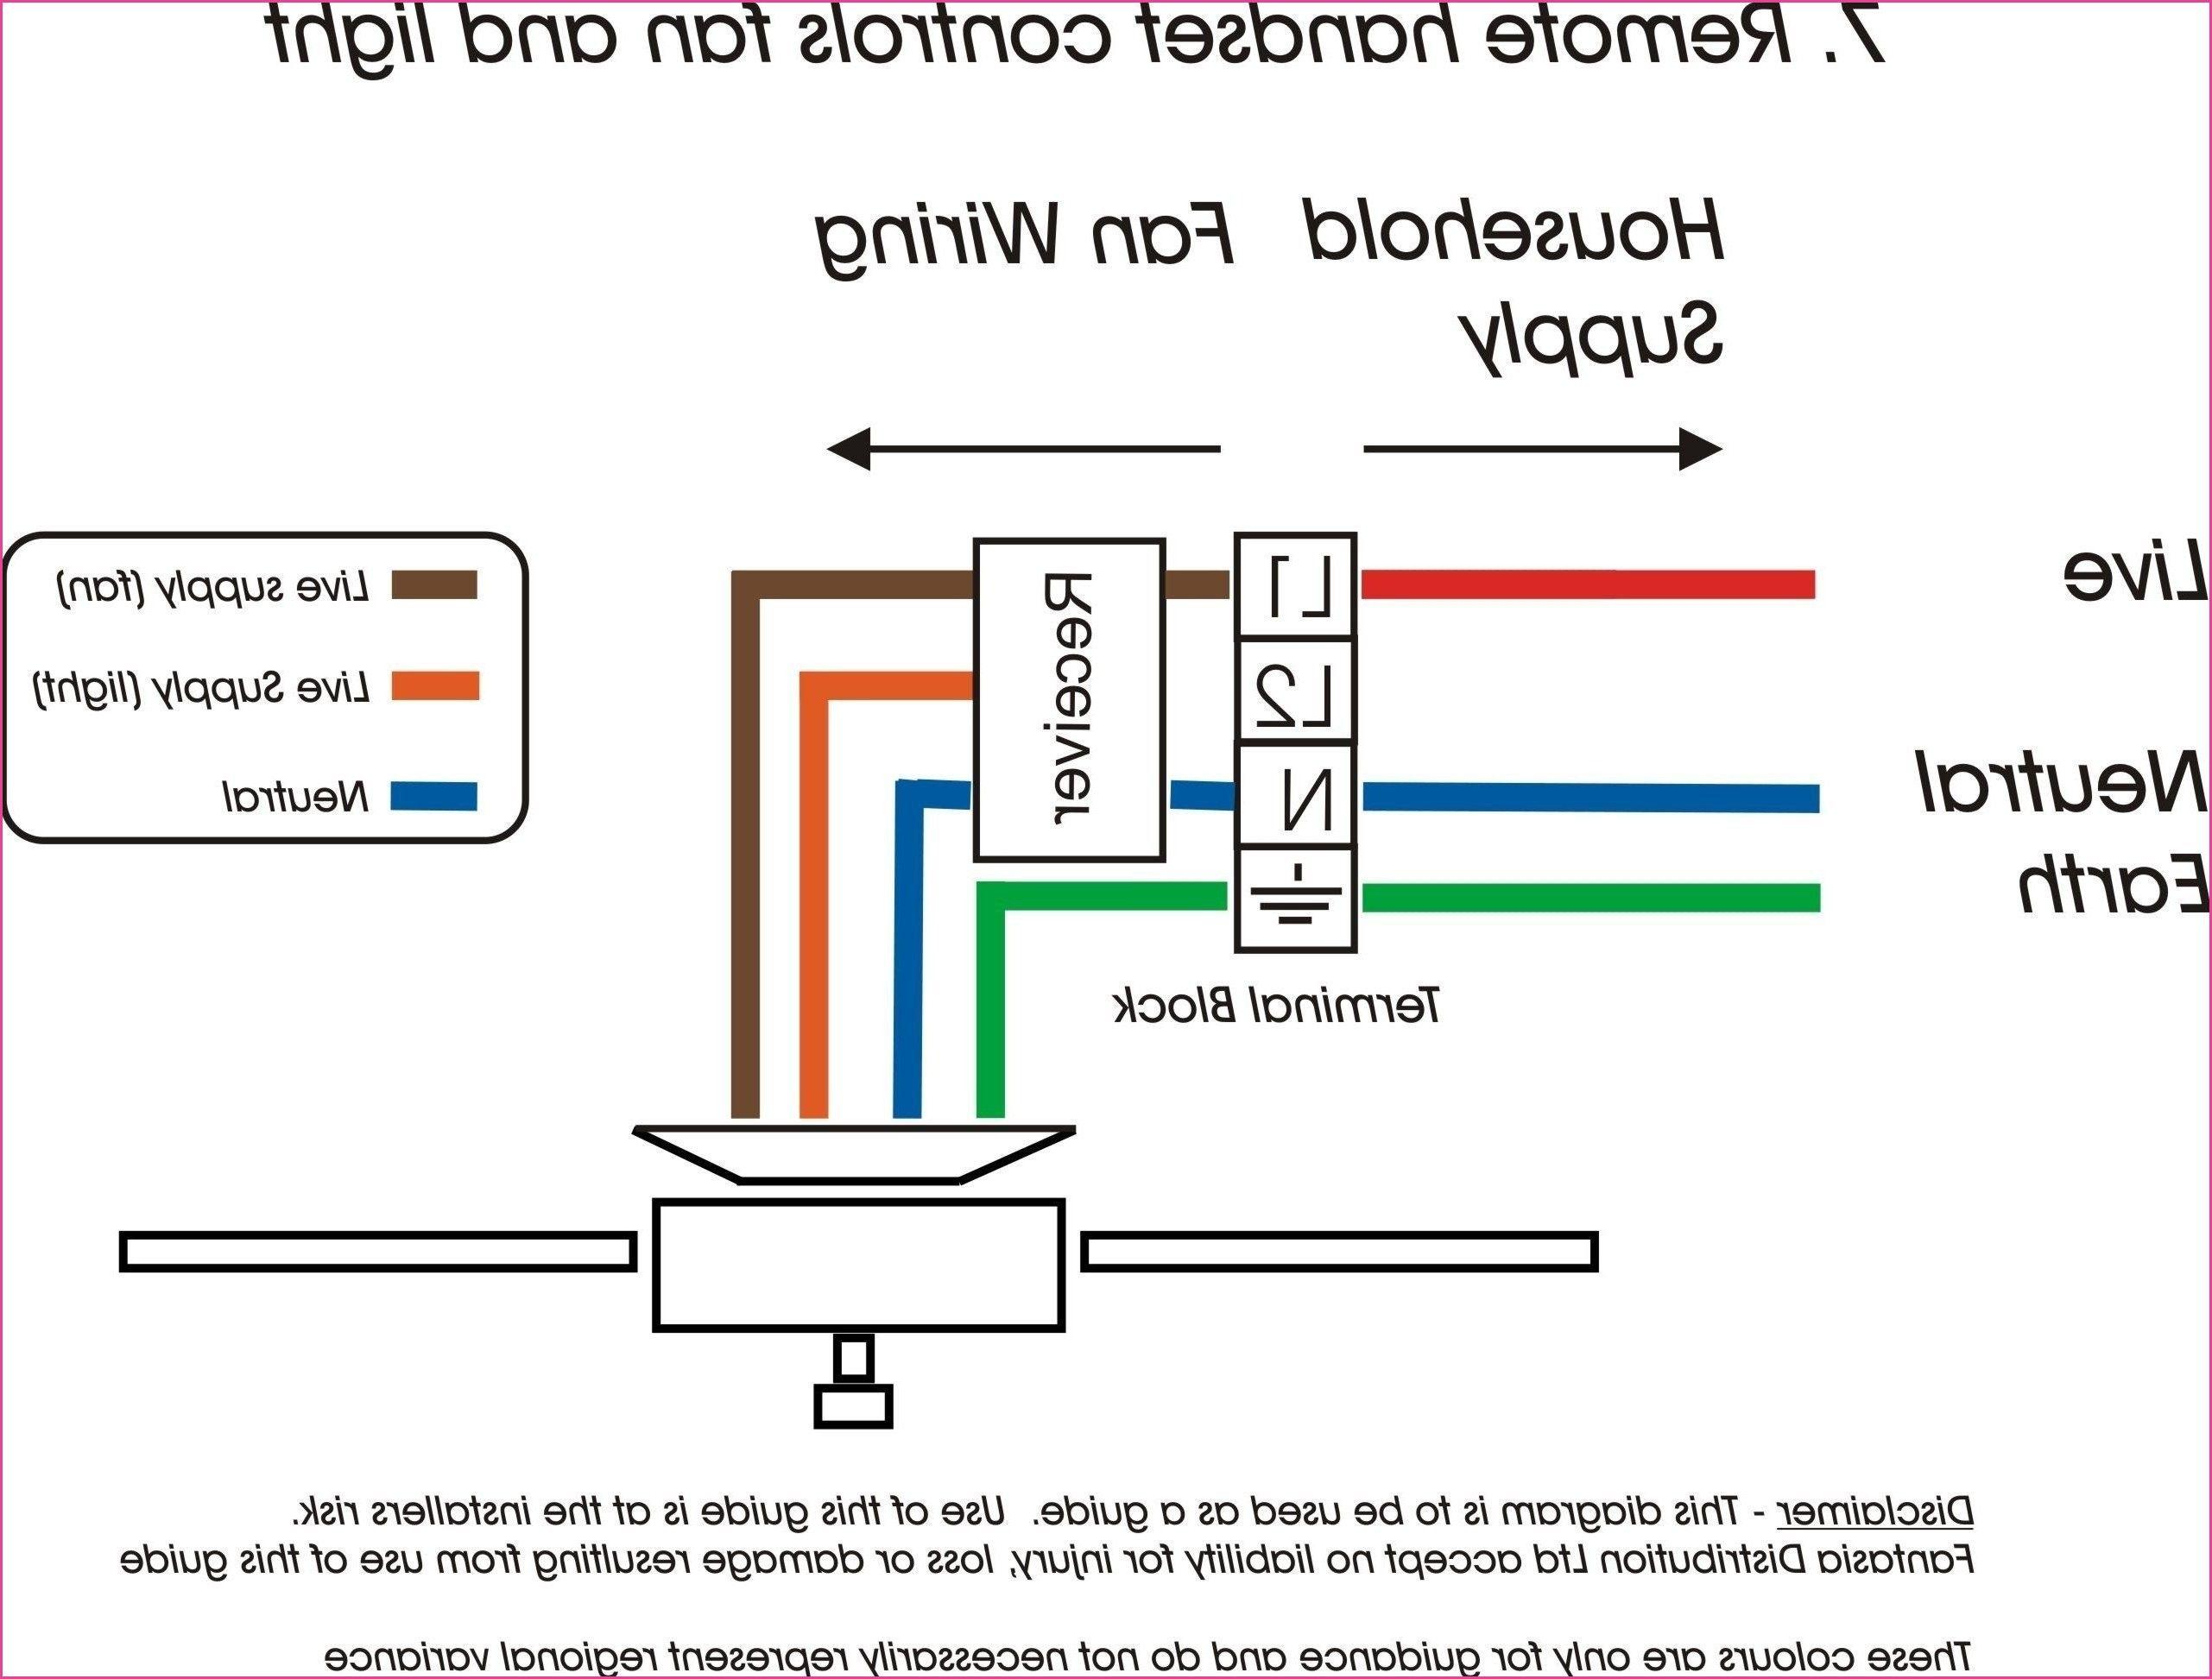 new manrose bathroom fan wiring diagram #diagram #diagramtemplate  #diagramsample